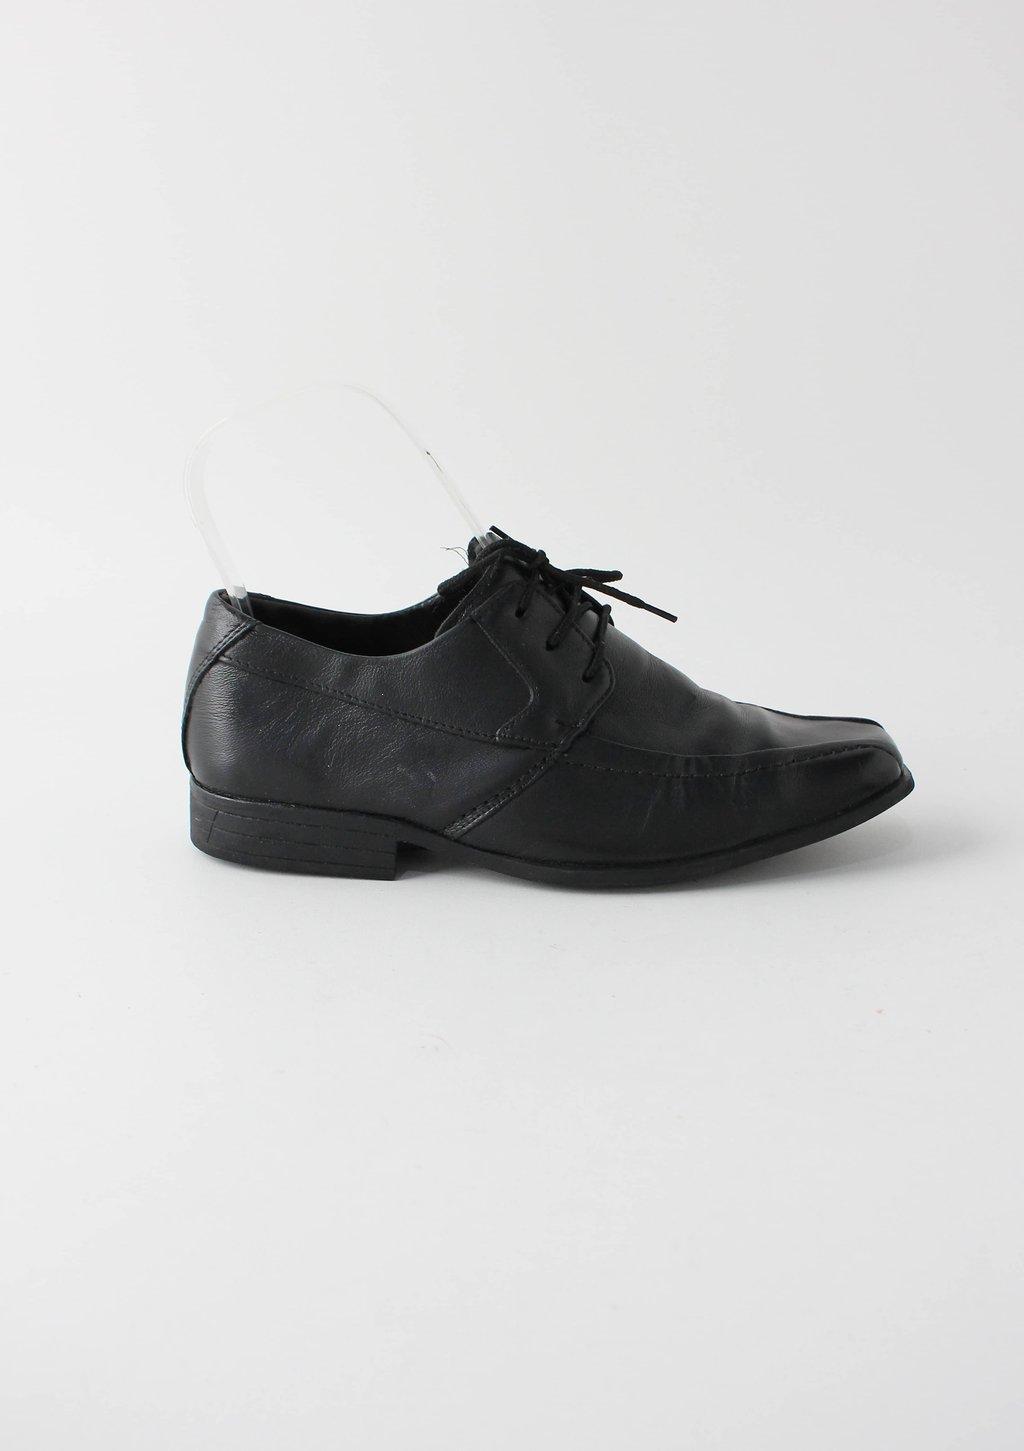 Sapato social parthenon masculino preto